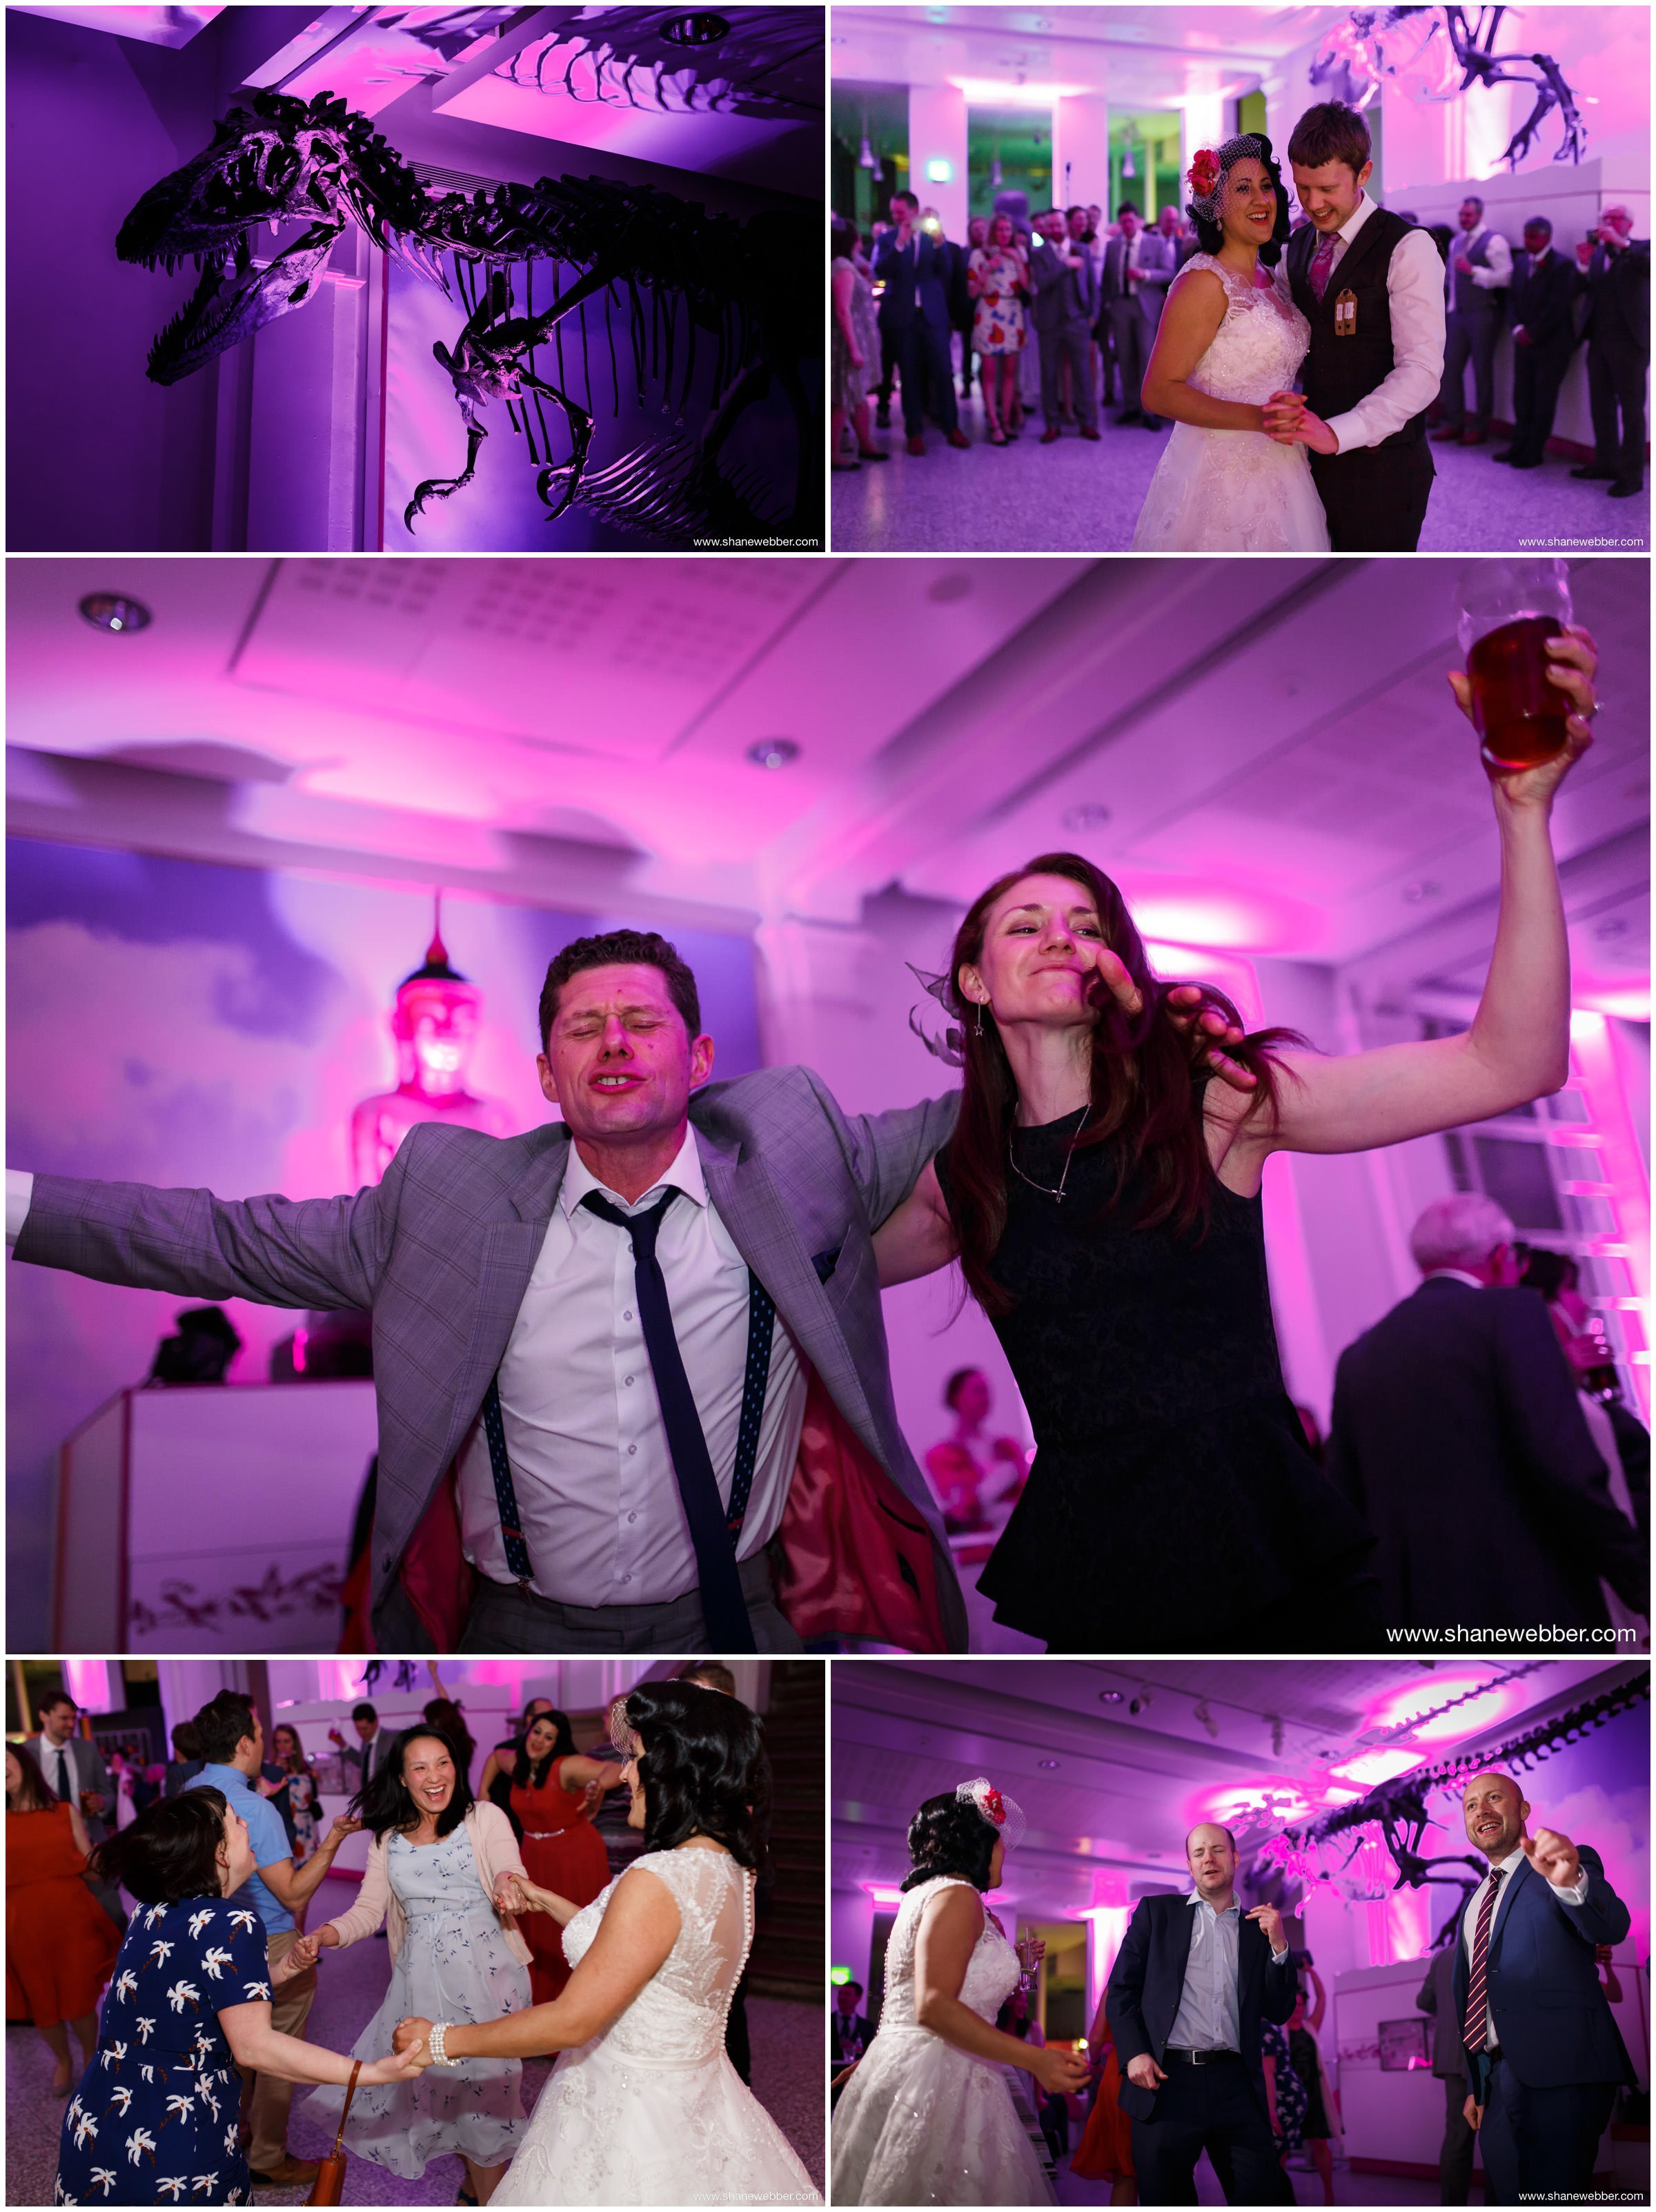 Crazy dancing wedding pictures